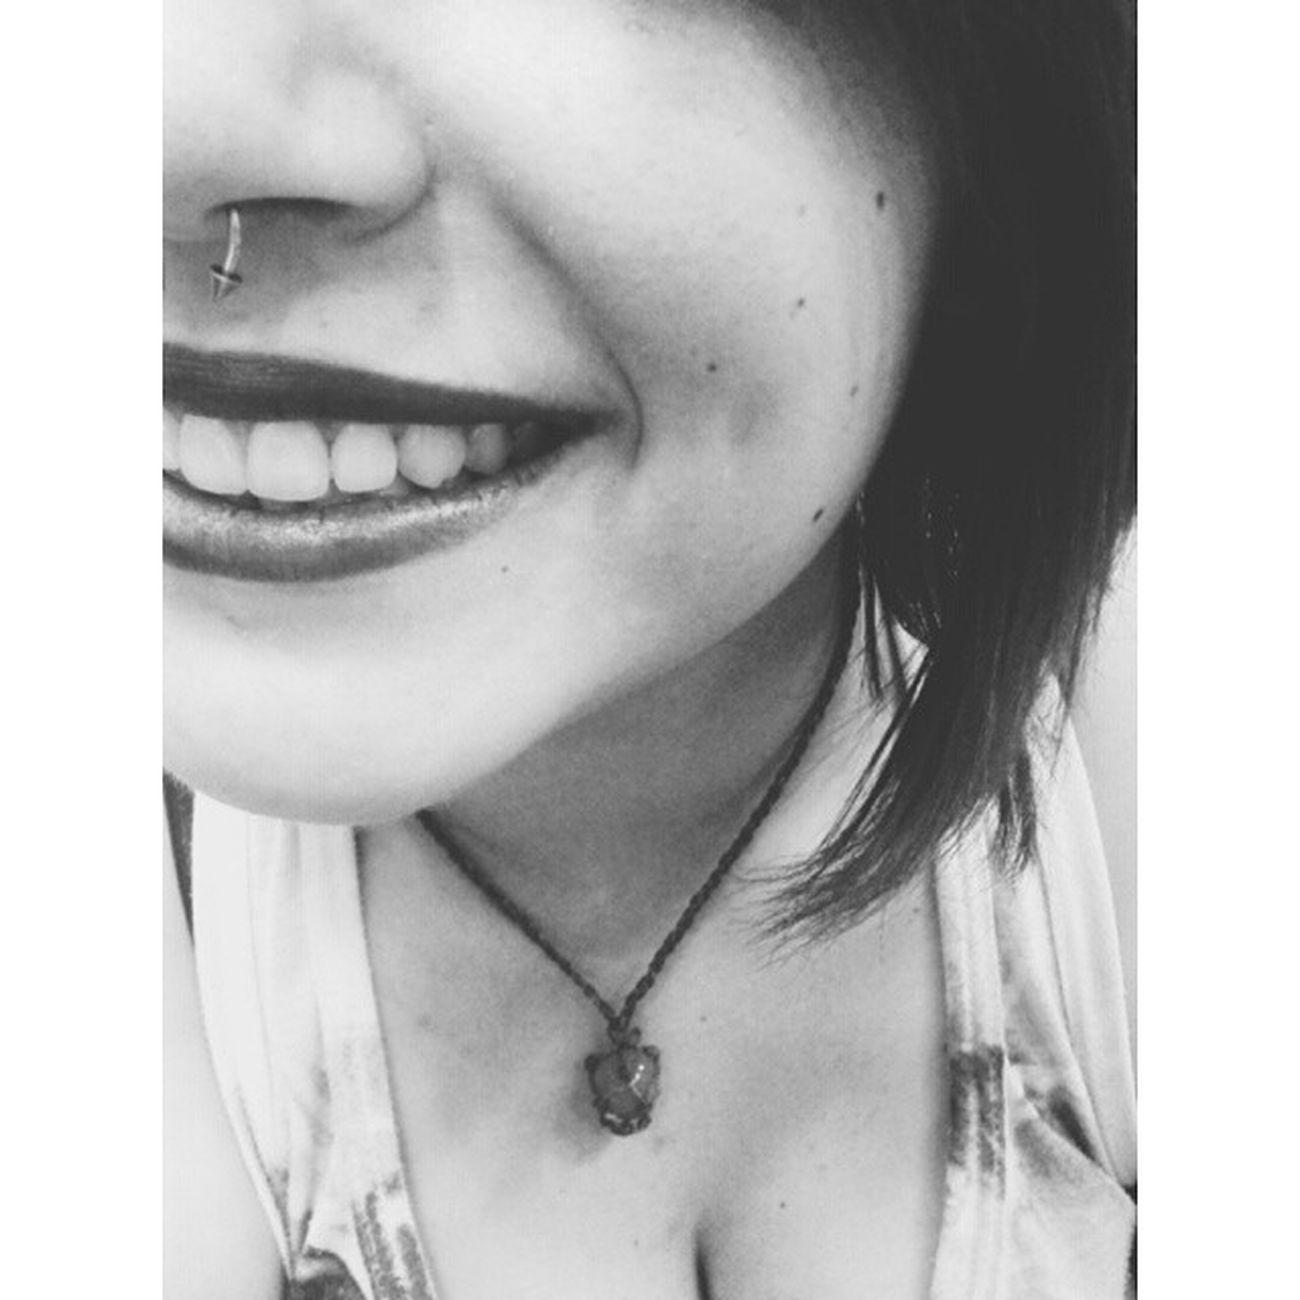 Que chova felicidade, e que eu me afogue em cada gota ⭐❤ VSCO Vscobrasil Vscocam Instasize Me Eu Oi Smile Happy Feliz Like Linda Sorriso Amô Piercing Septo Sardas Covinha Cordao Boanoite